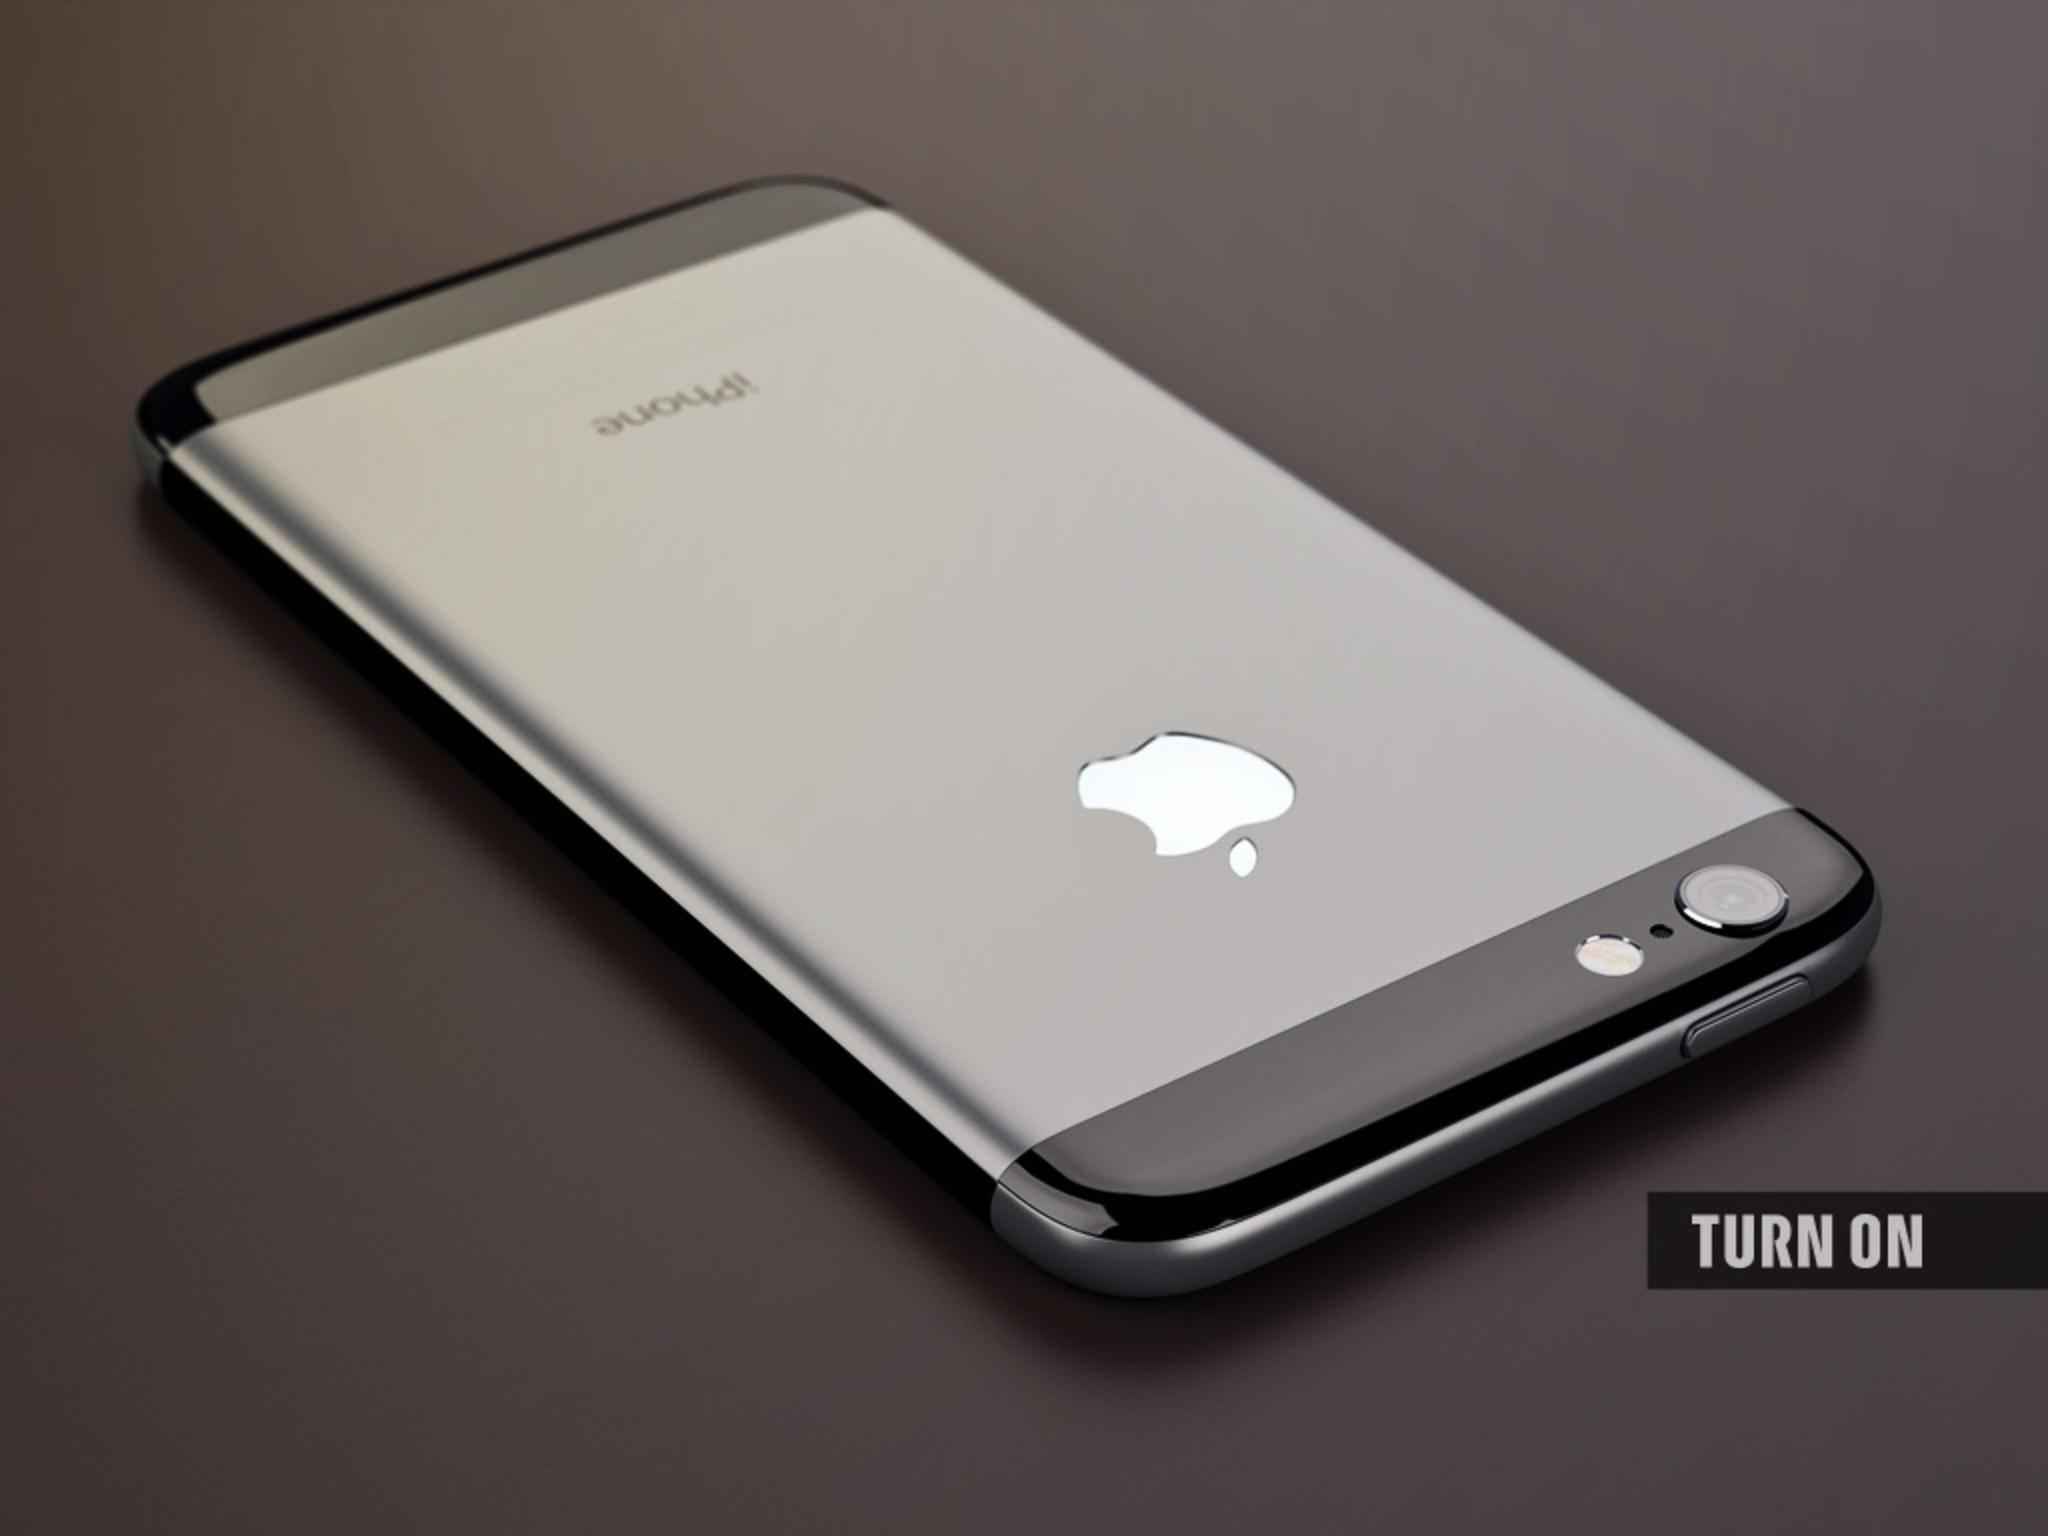 Das iPhone 7 soll einen neuen LTE-Chip von Intel bekommen.